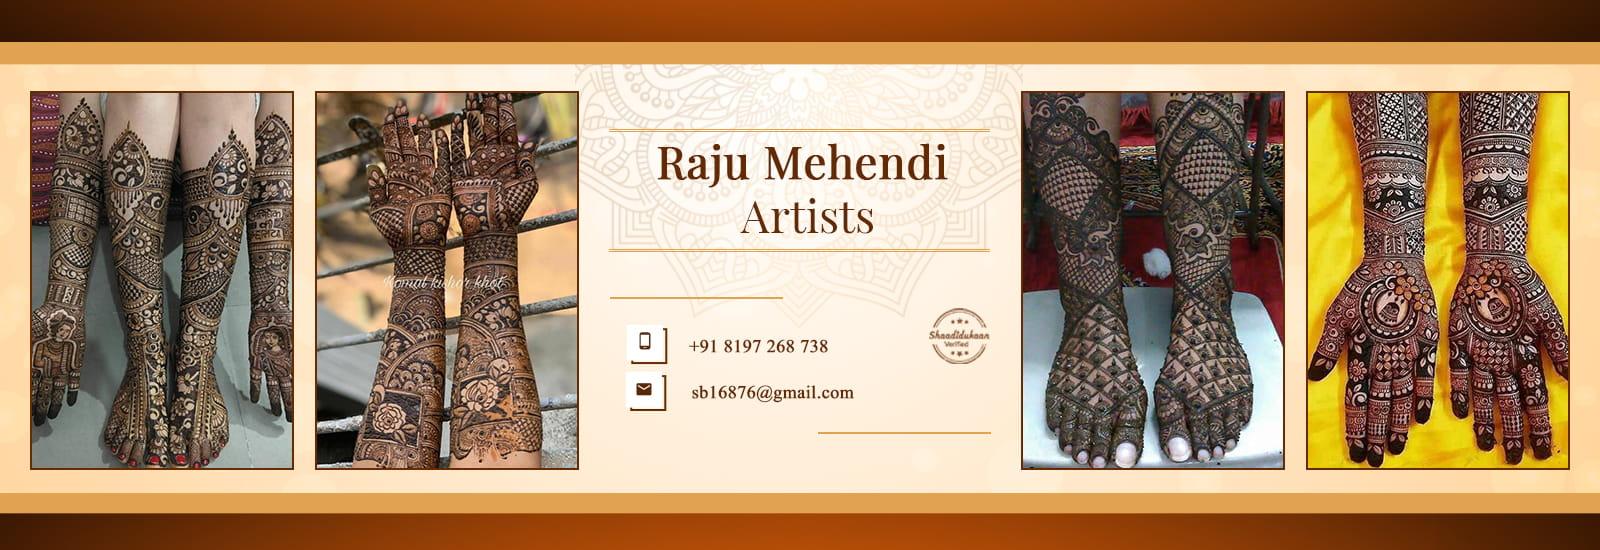 raju-mehendi-artist